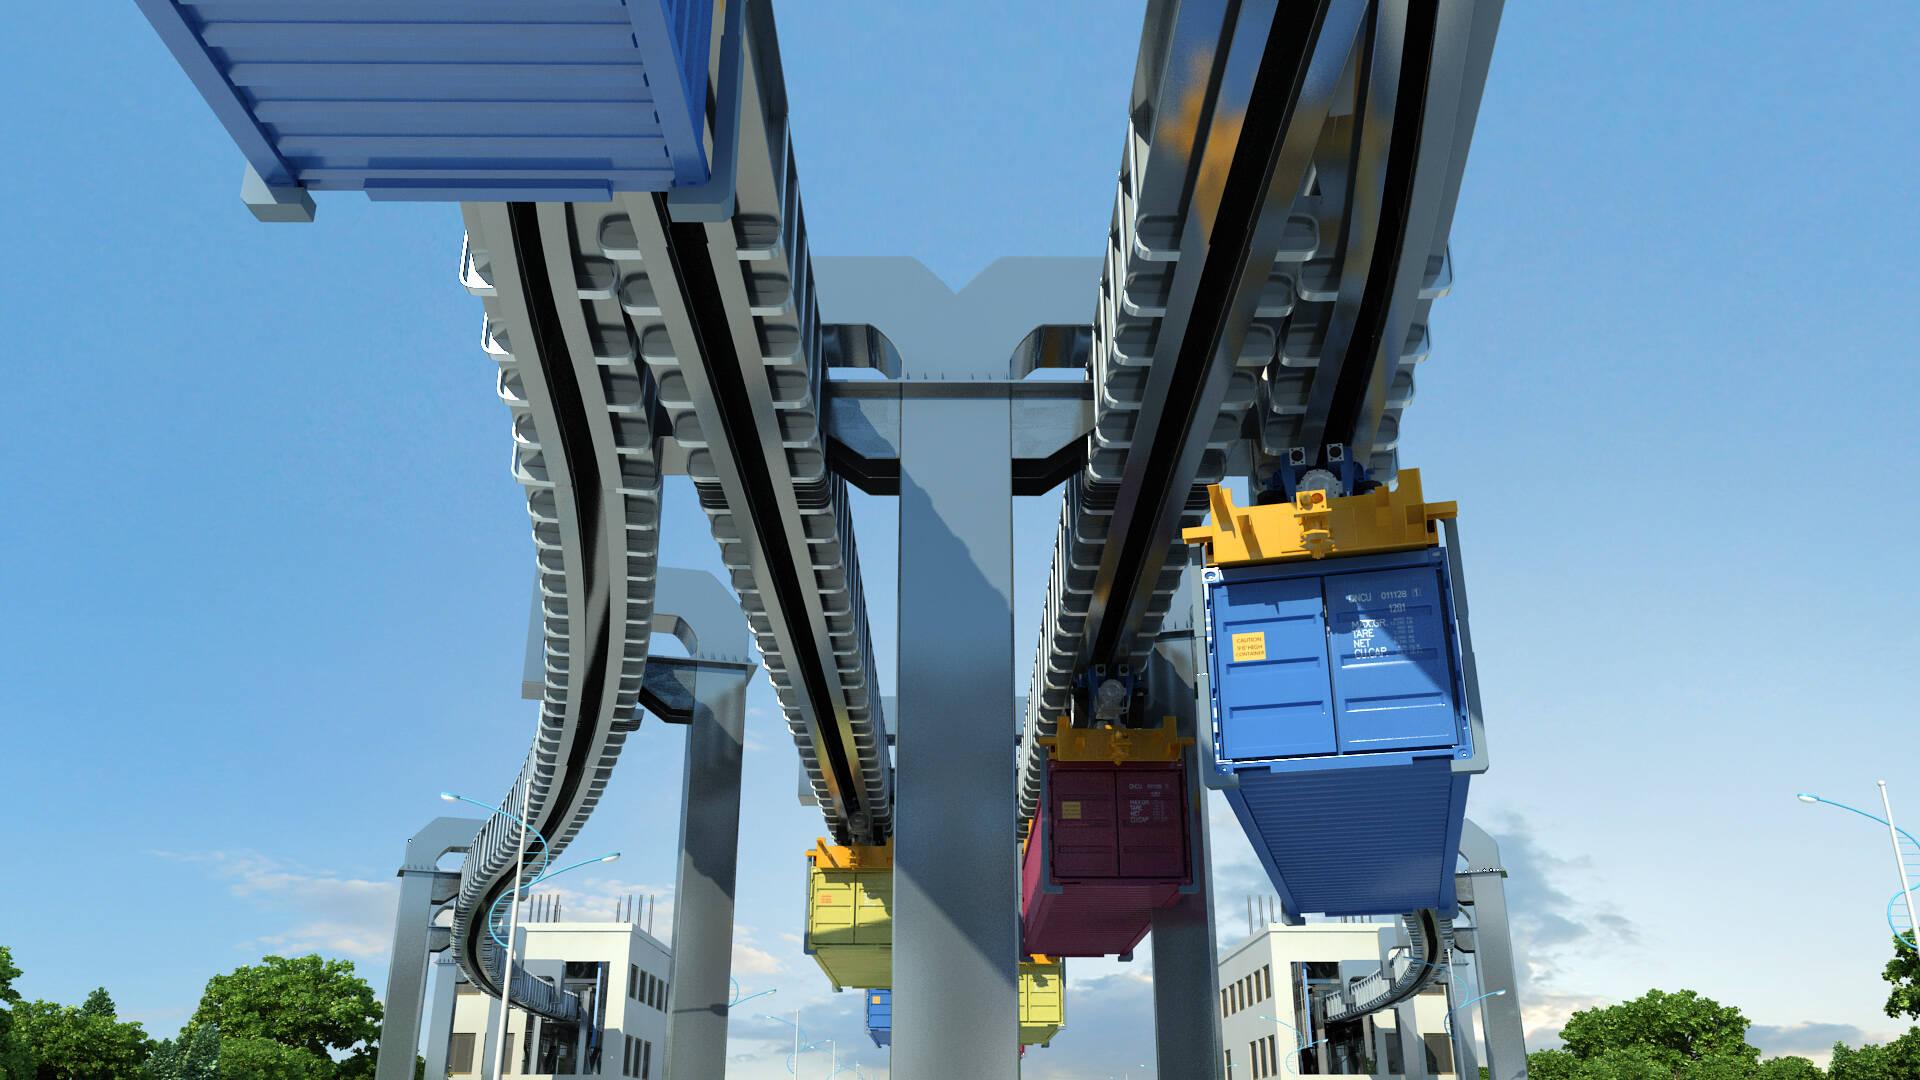 """港口、陆路、铁路联运""""零换乘""""!全球首创智能空轨集疏运系统将落地青岛港"""